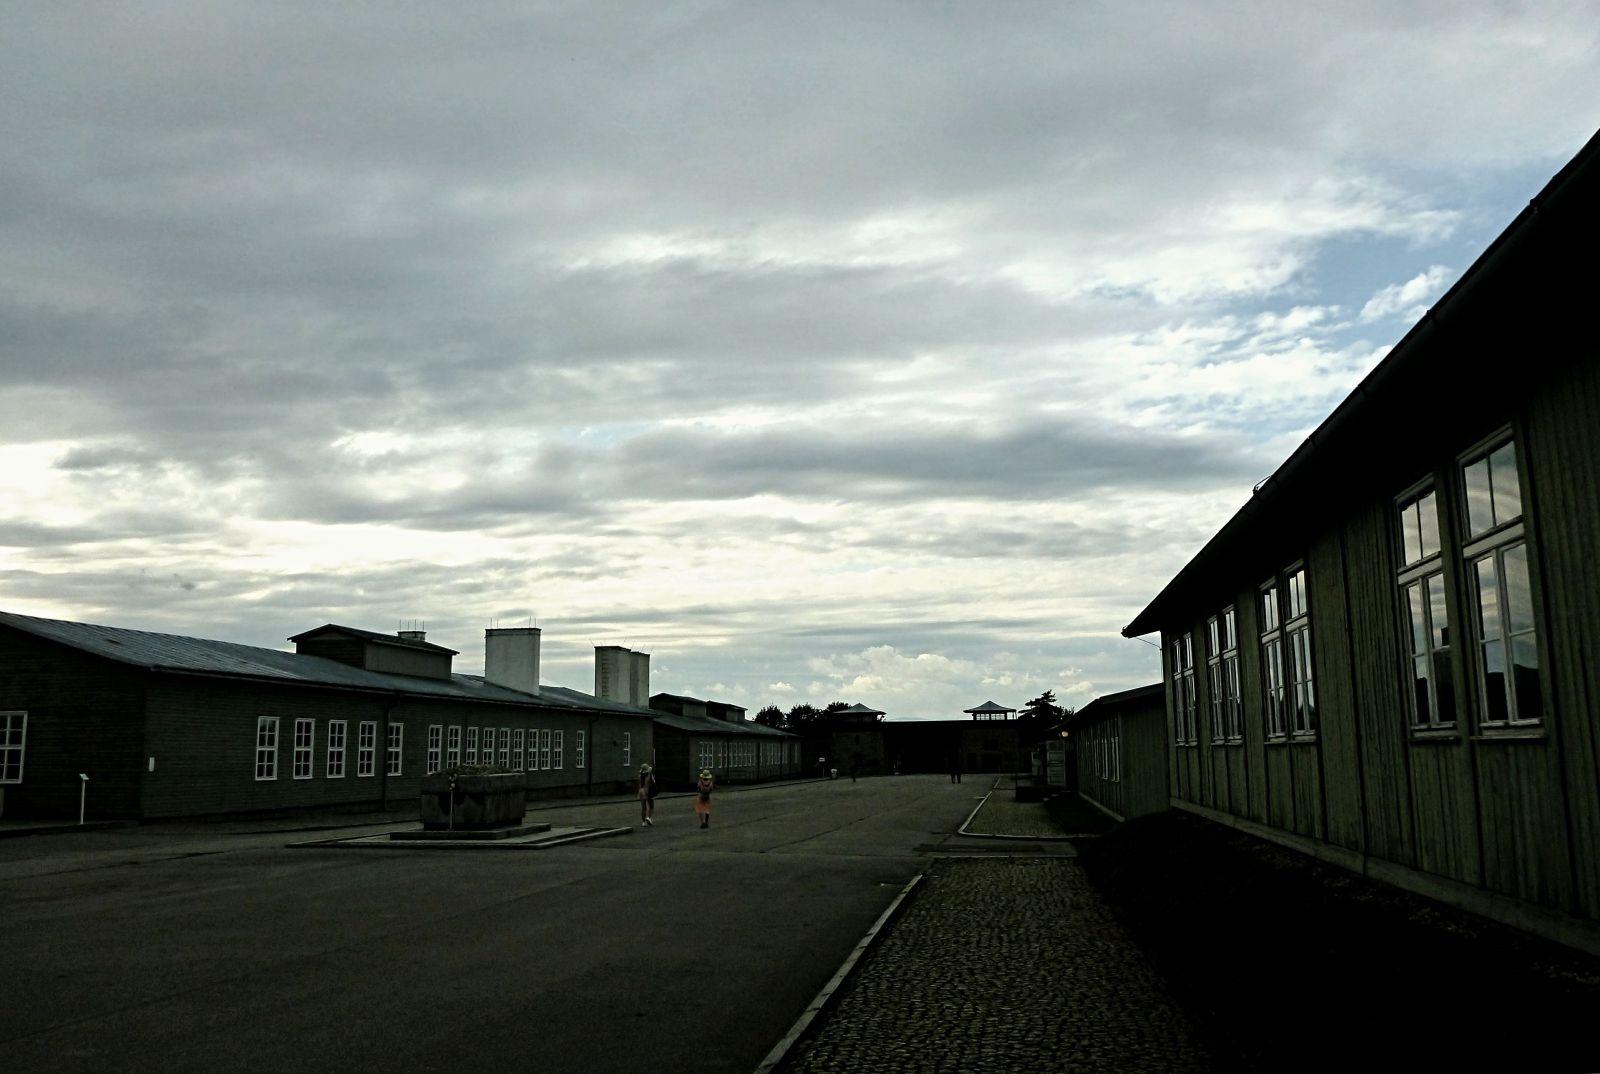 Navštívili jsme koncentrační tábor Mauthausen, kde bylo zavražděno na 8 tisíc Čechů a Slováků